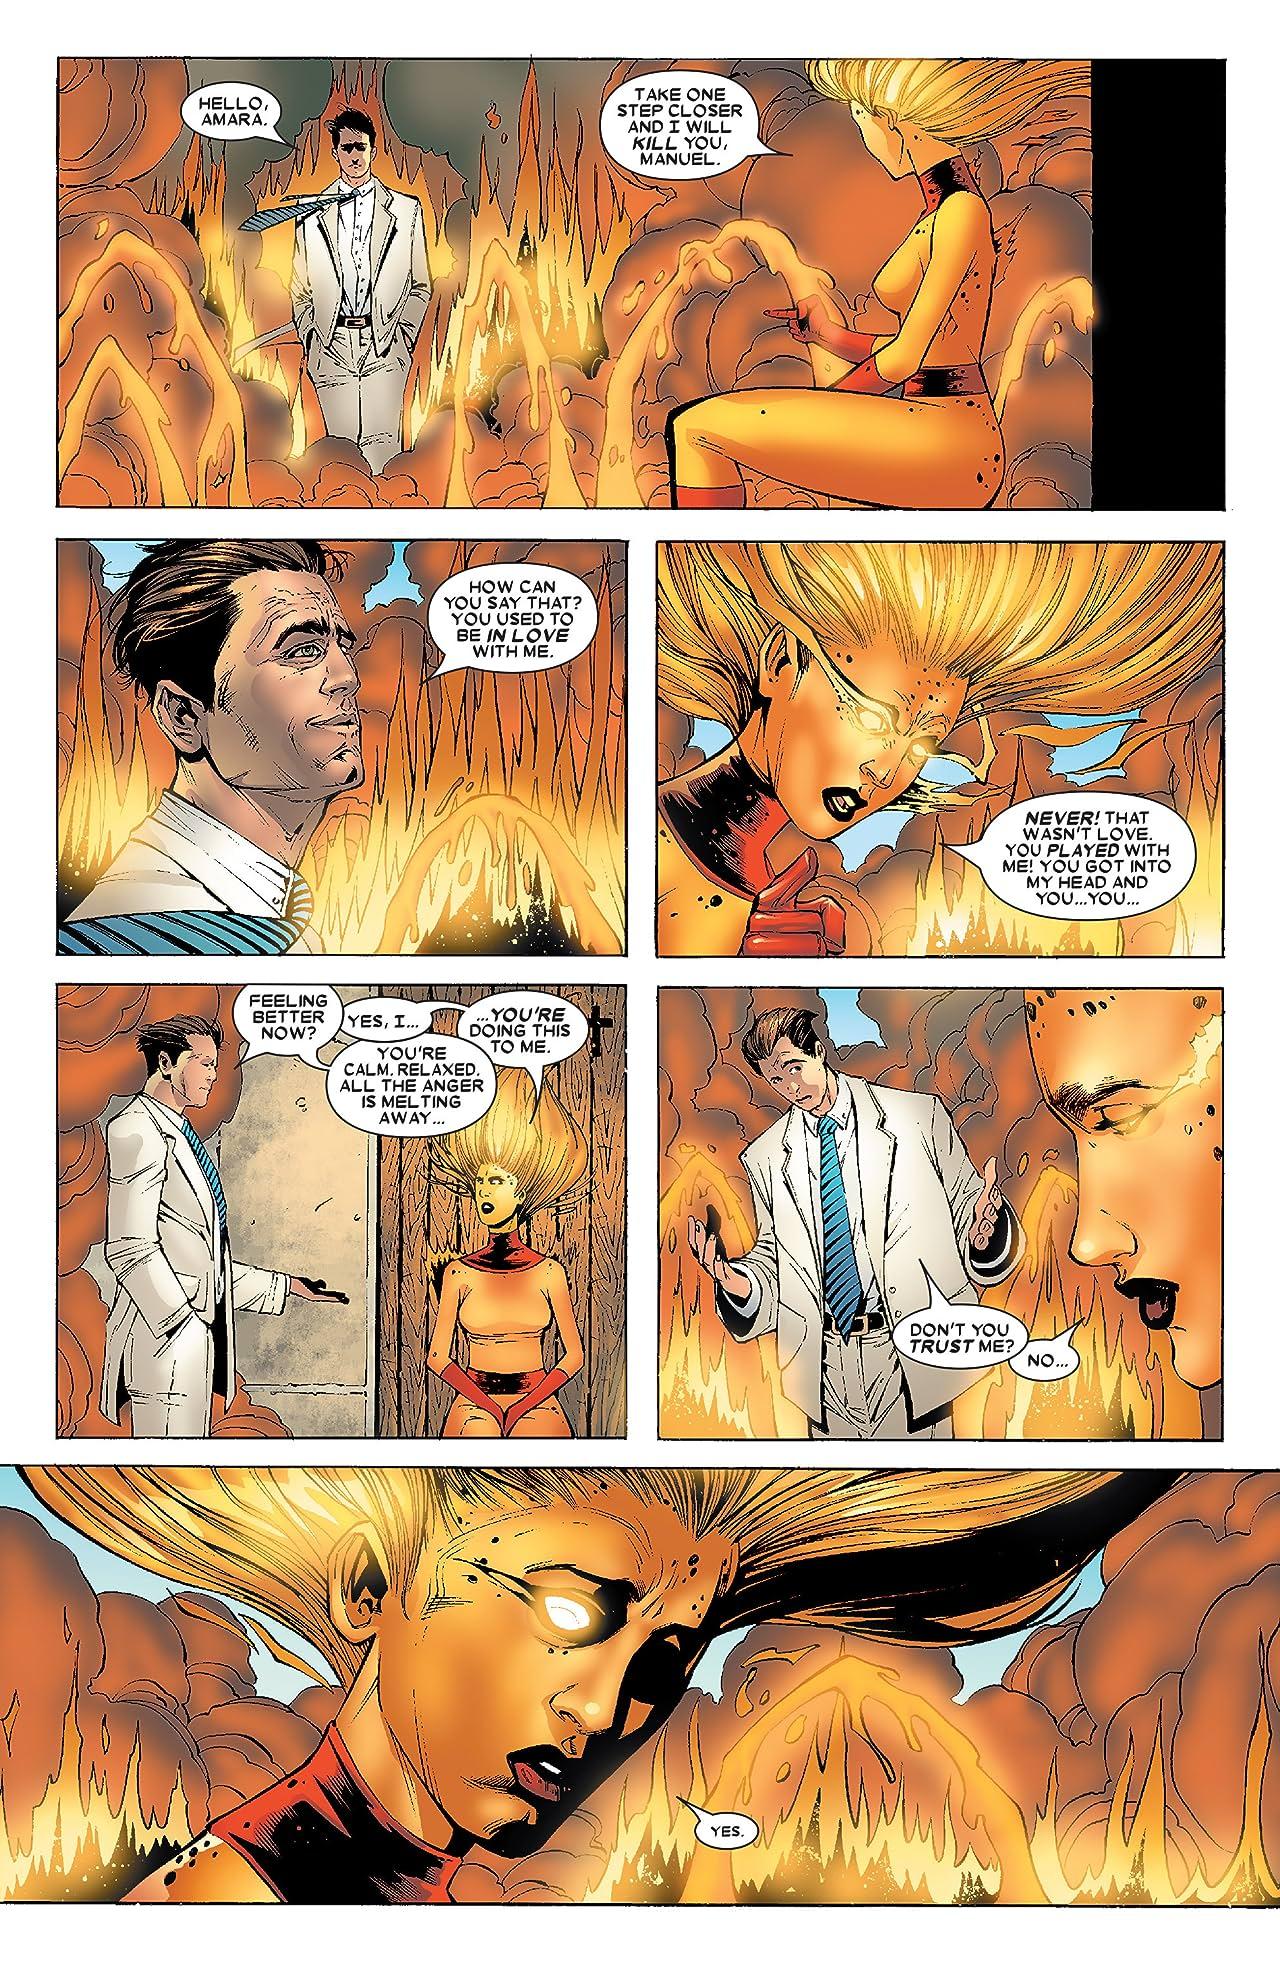 X-Men: The 198 (2006) #2 (of 5)